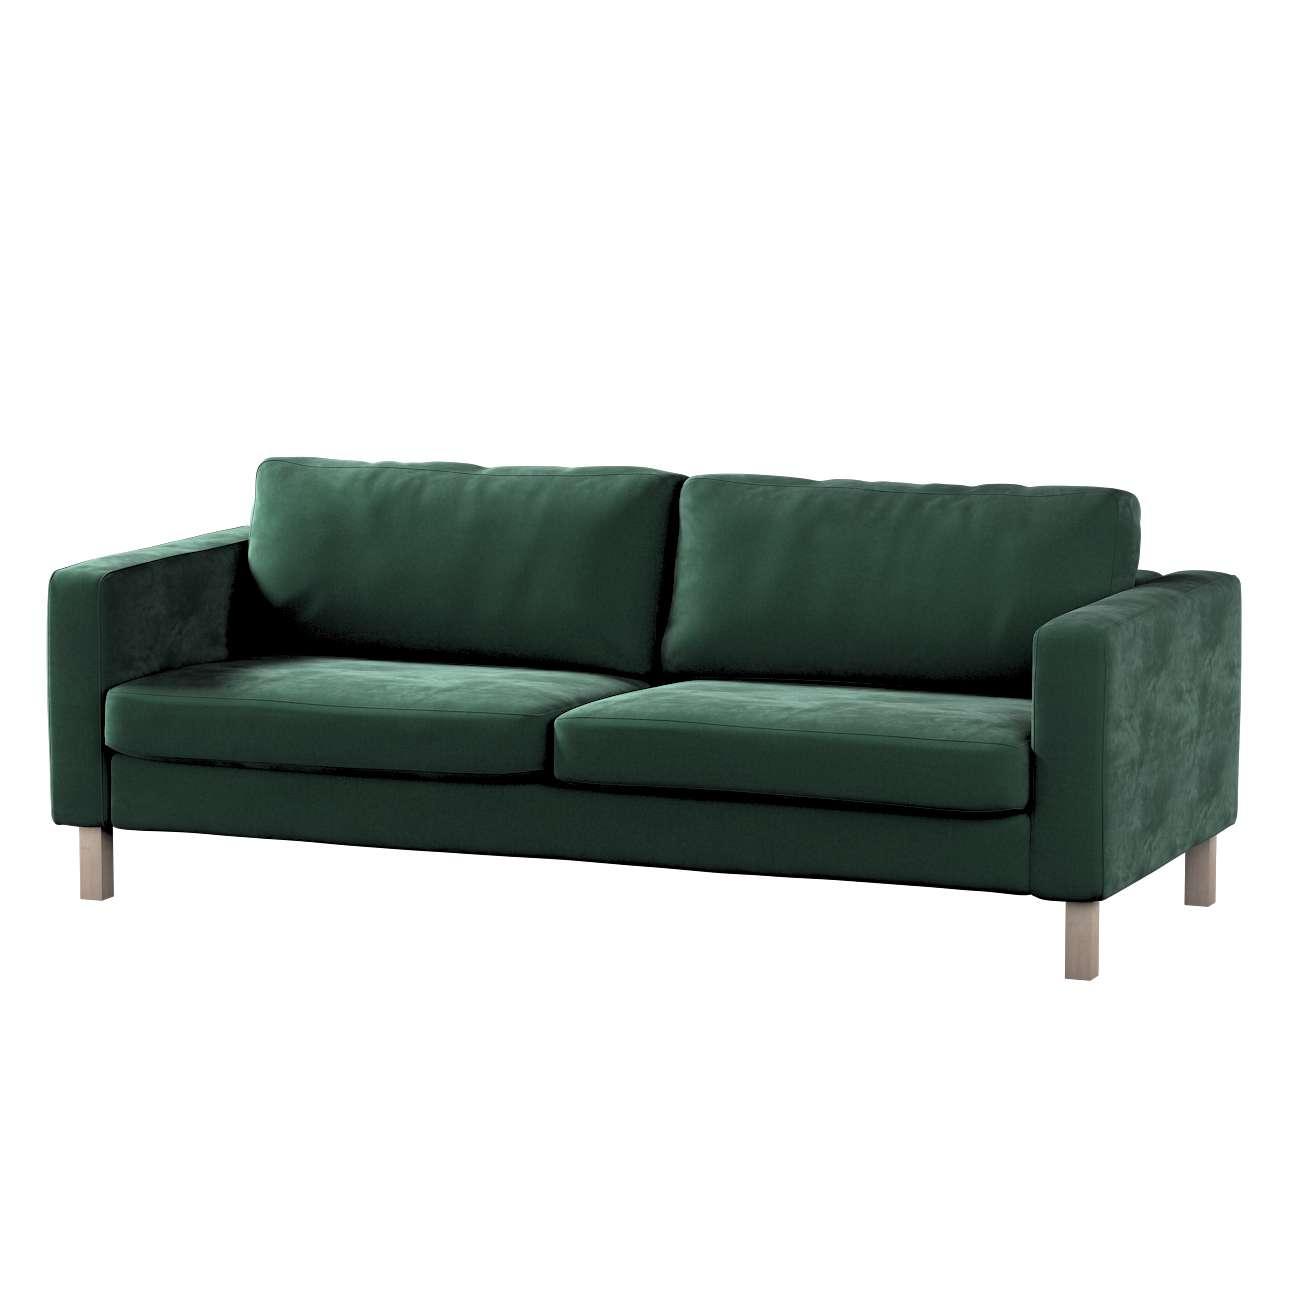 Potah na pohovku IKEA  Karlstad 3-místná, nerozkládací, krátký v kolekci Velvet, látka: 704-25